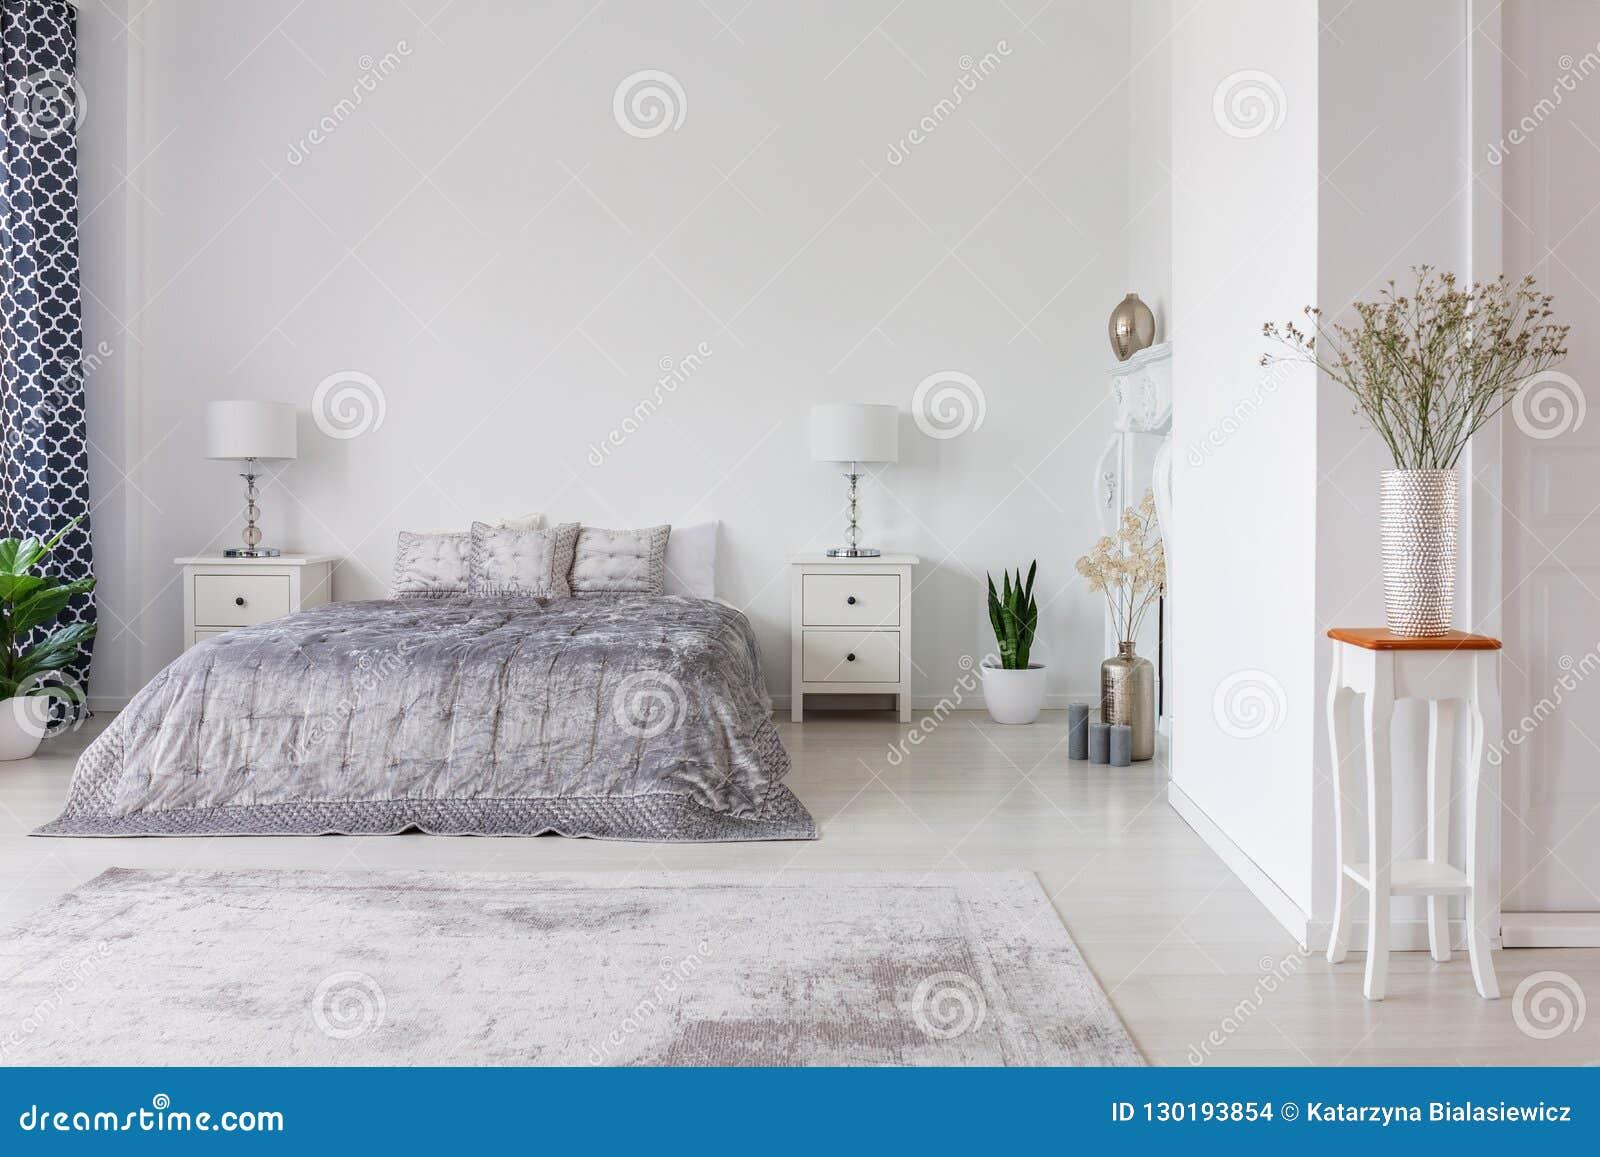 Lyxig sovruminredesign med silverduntäcket och kuddar på snäll formatsäng, verkligt foto med kopieringsutrymme